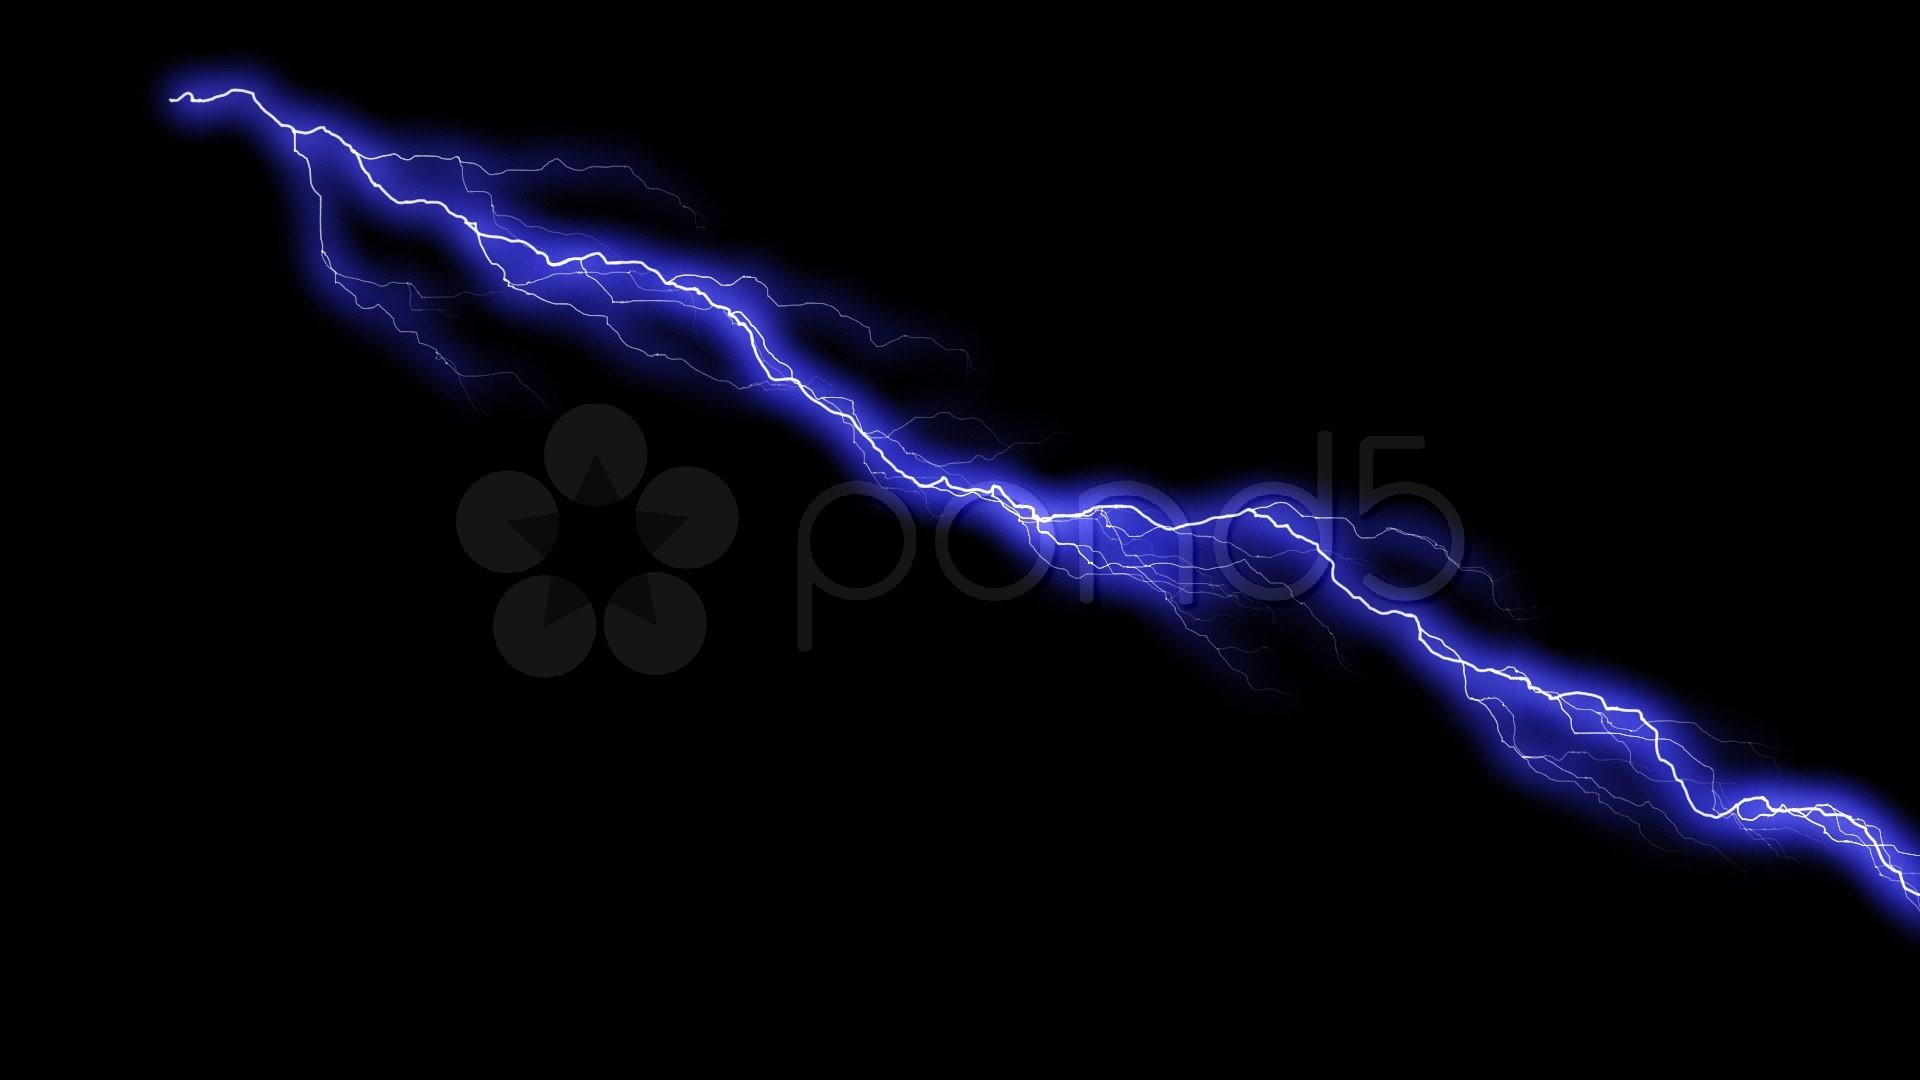 For Blue Lightning Bolt Blue Lightning Bolt